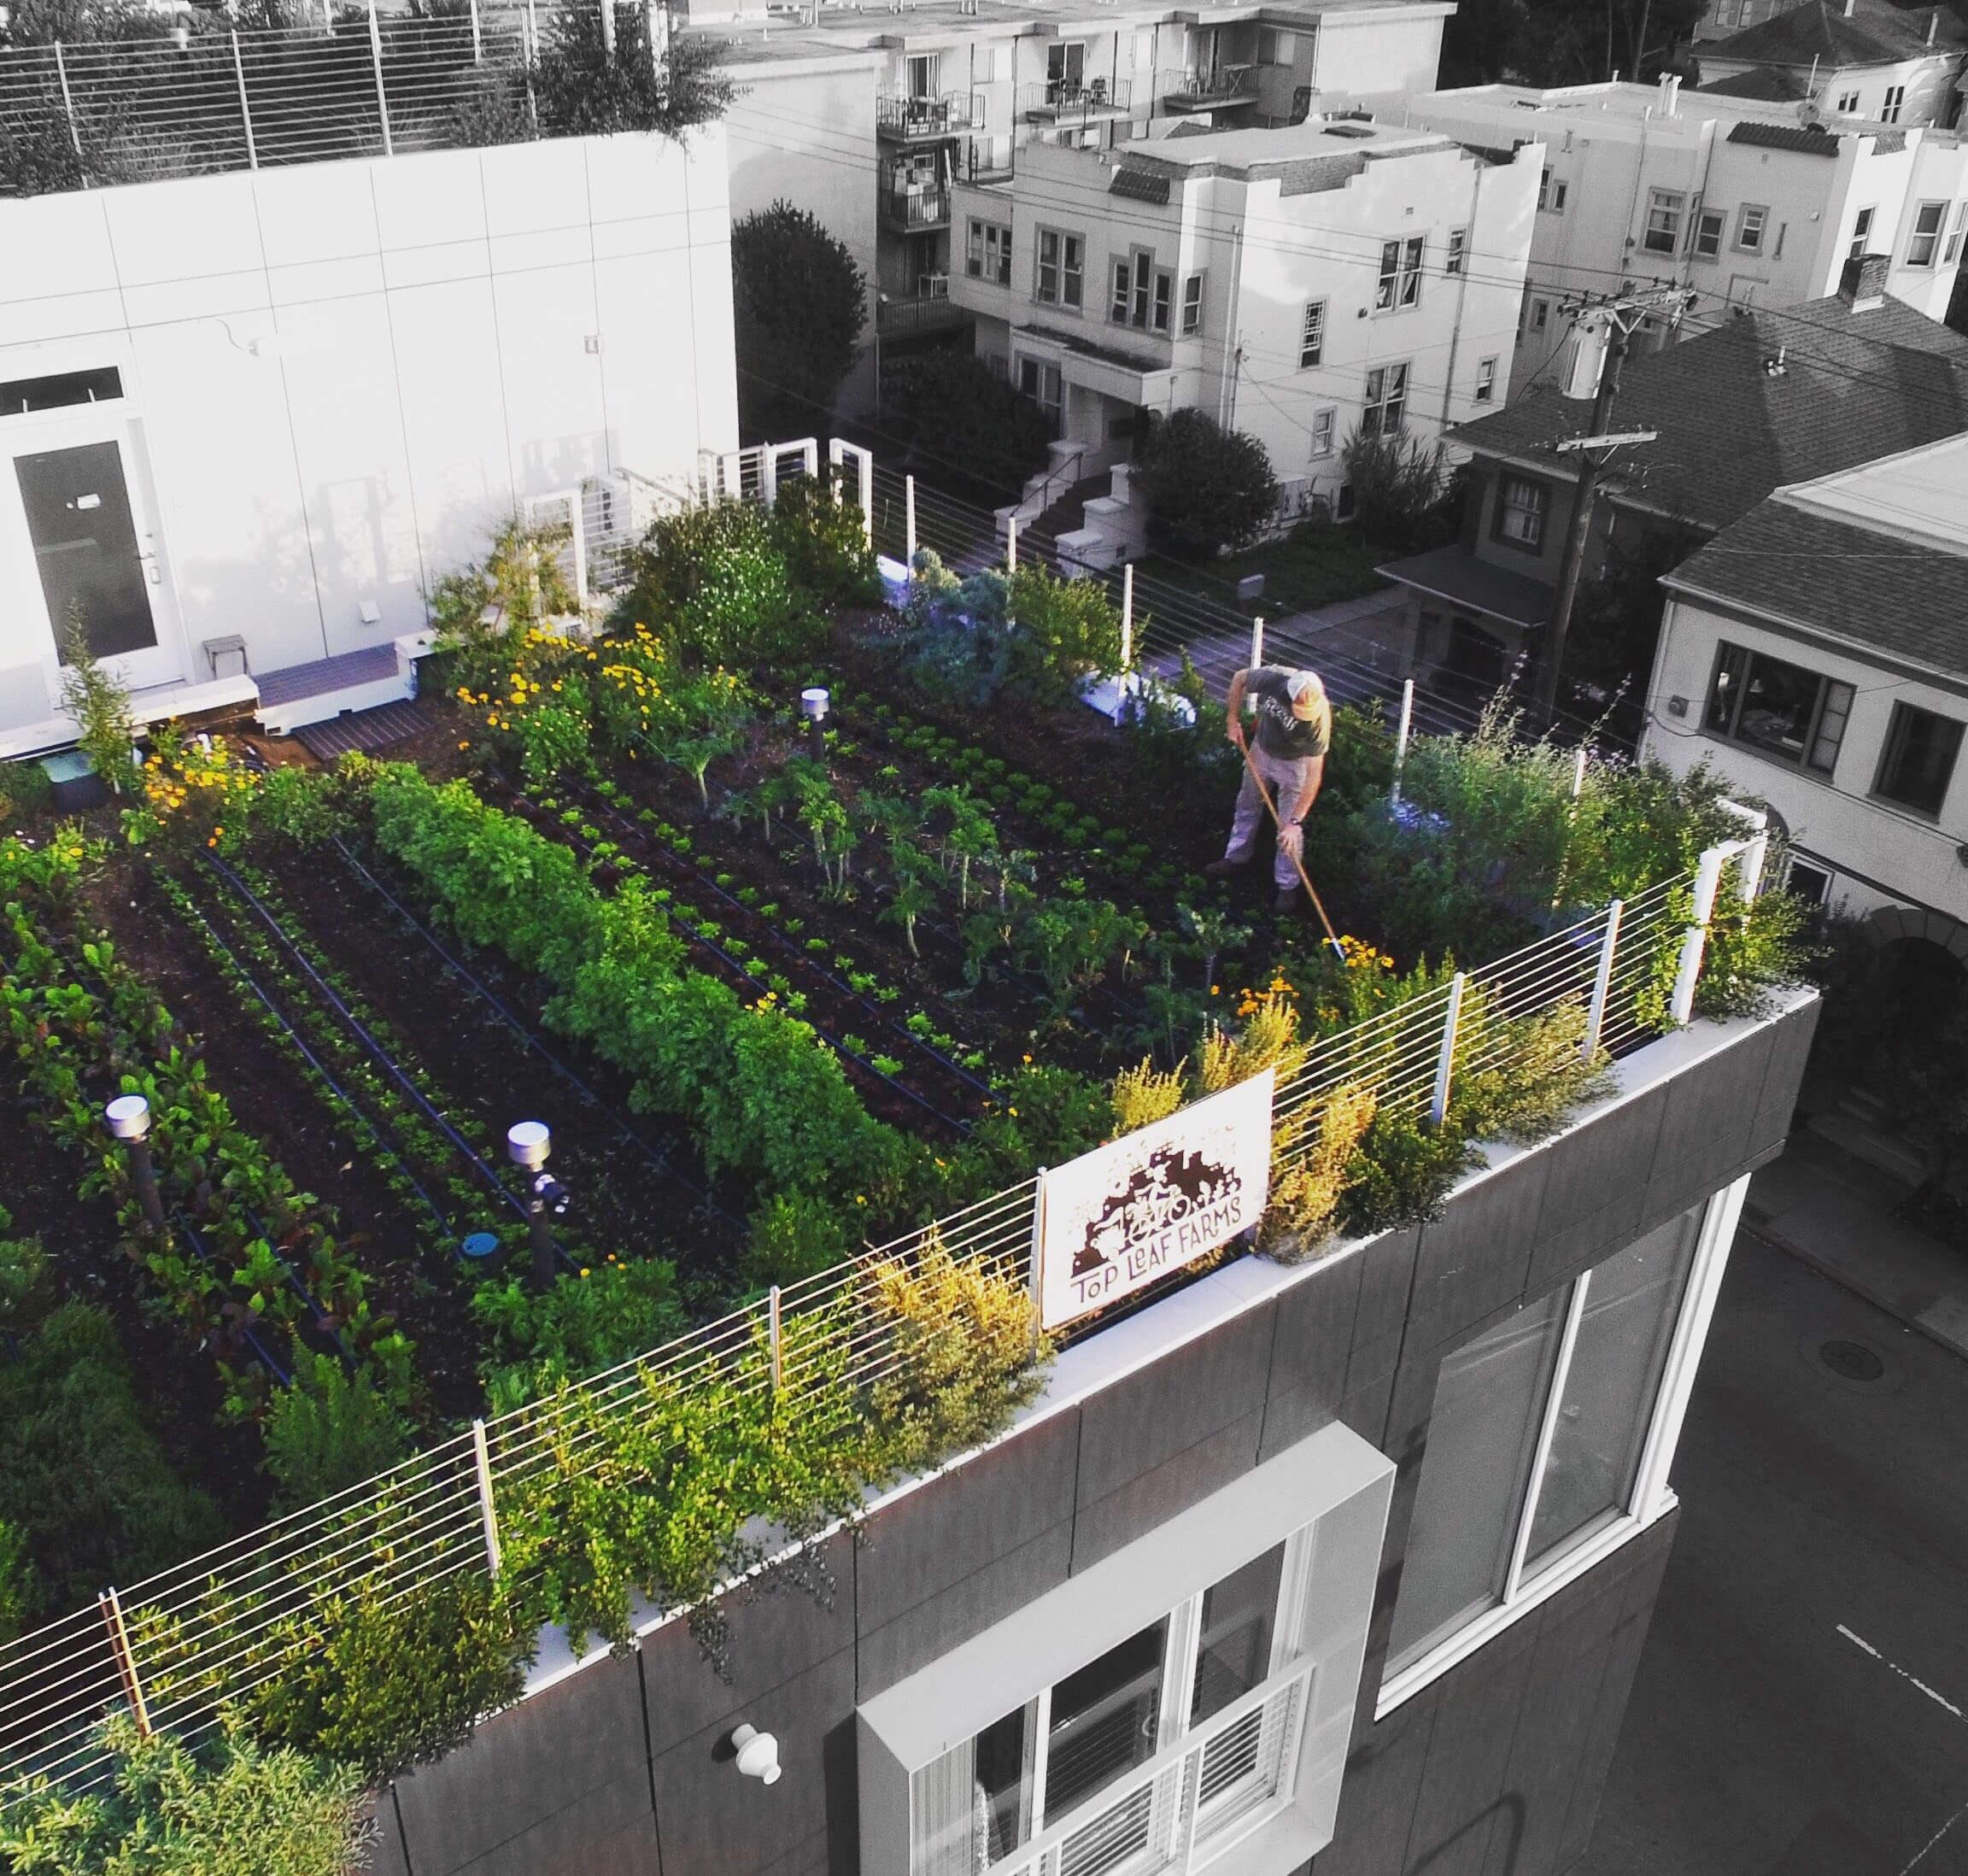 30 Best Rooftop Garden Ideas: Urban Gardens 2020